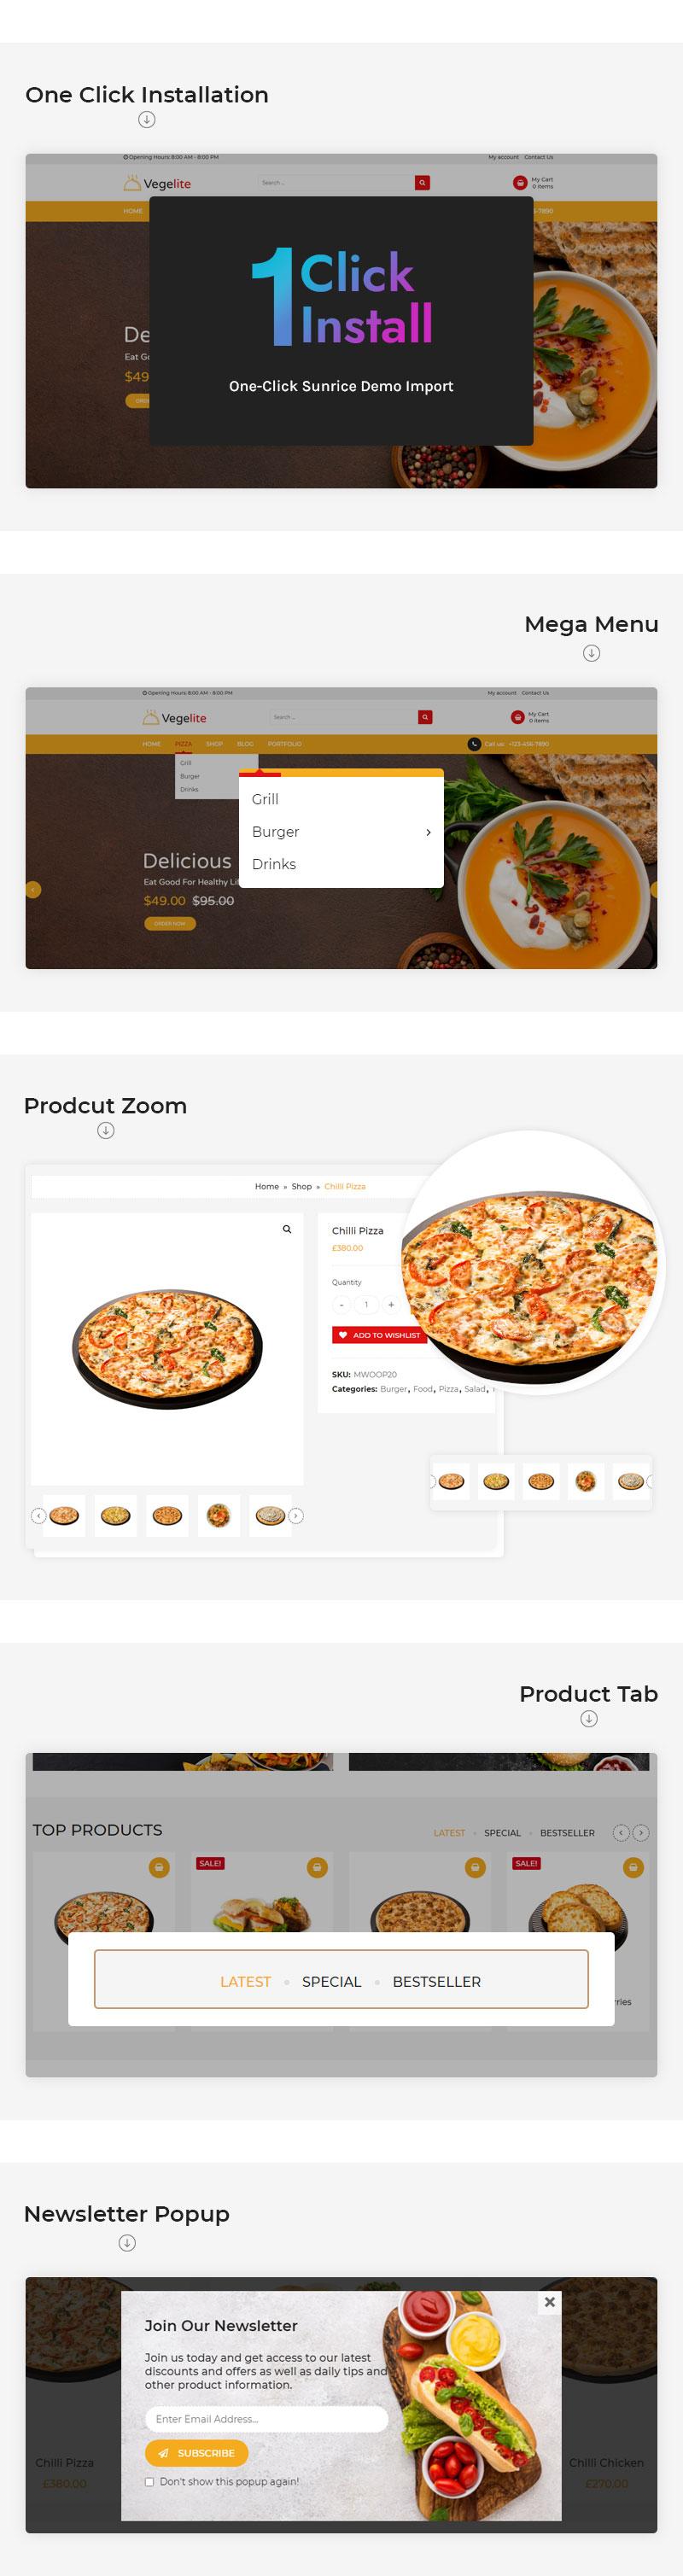 vegelite-features-3.jpg